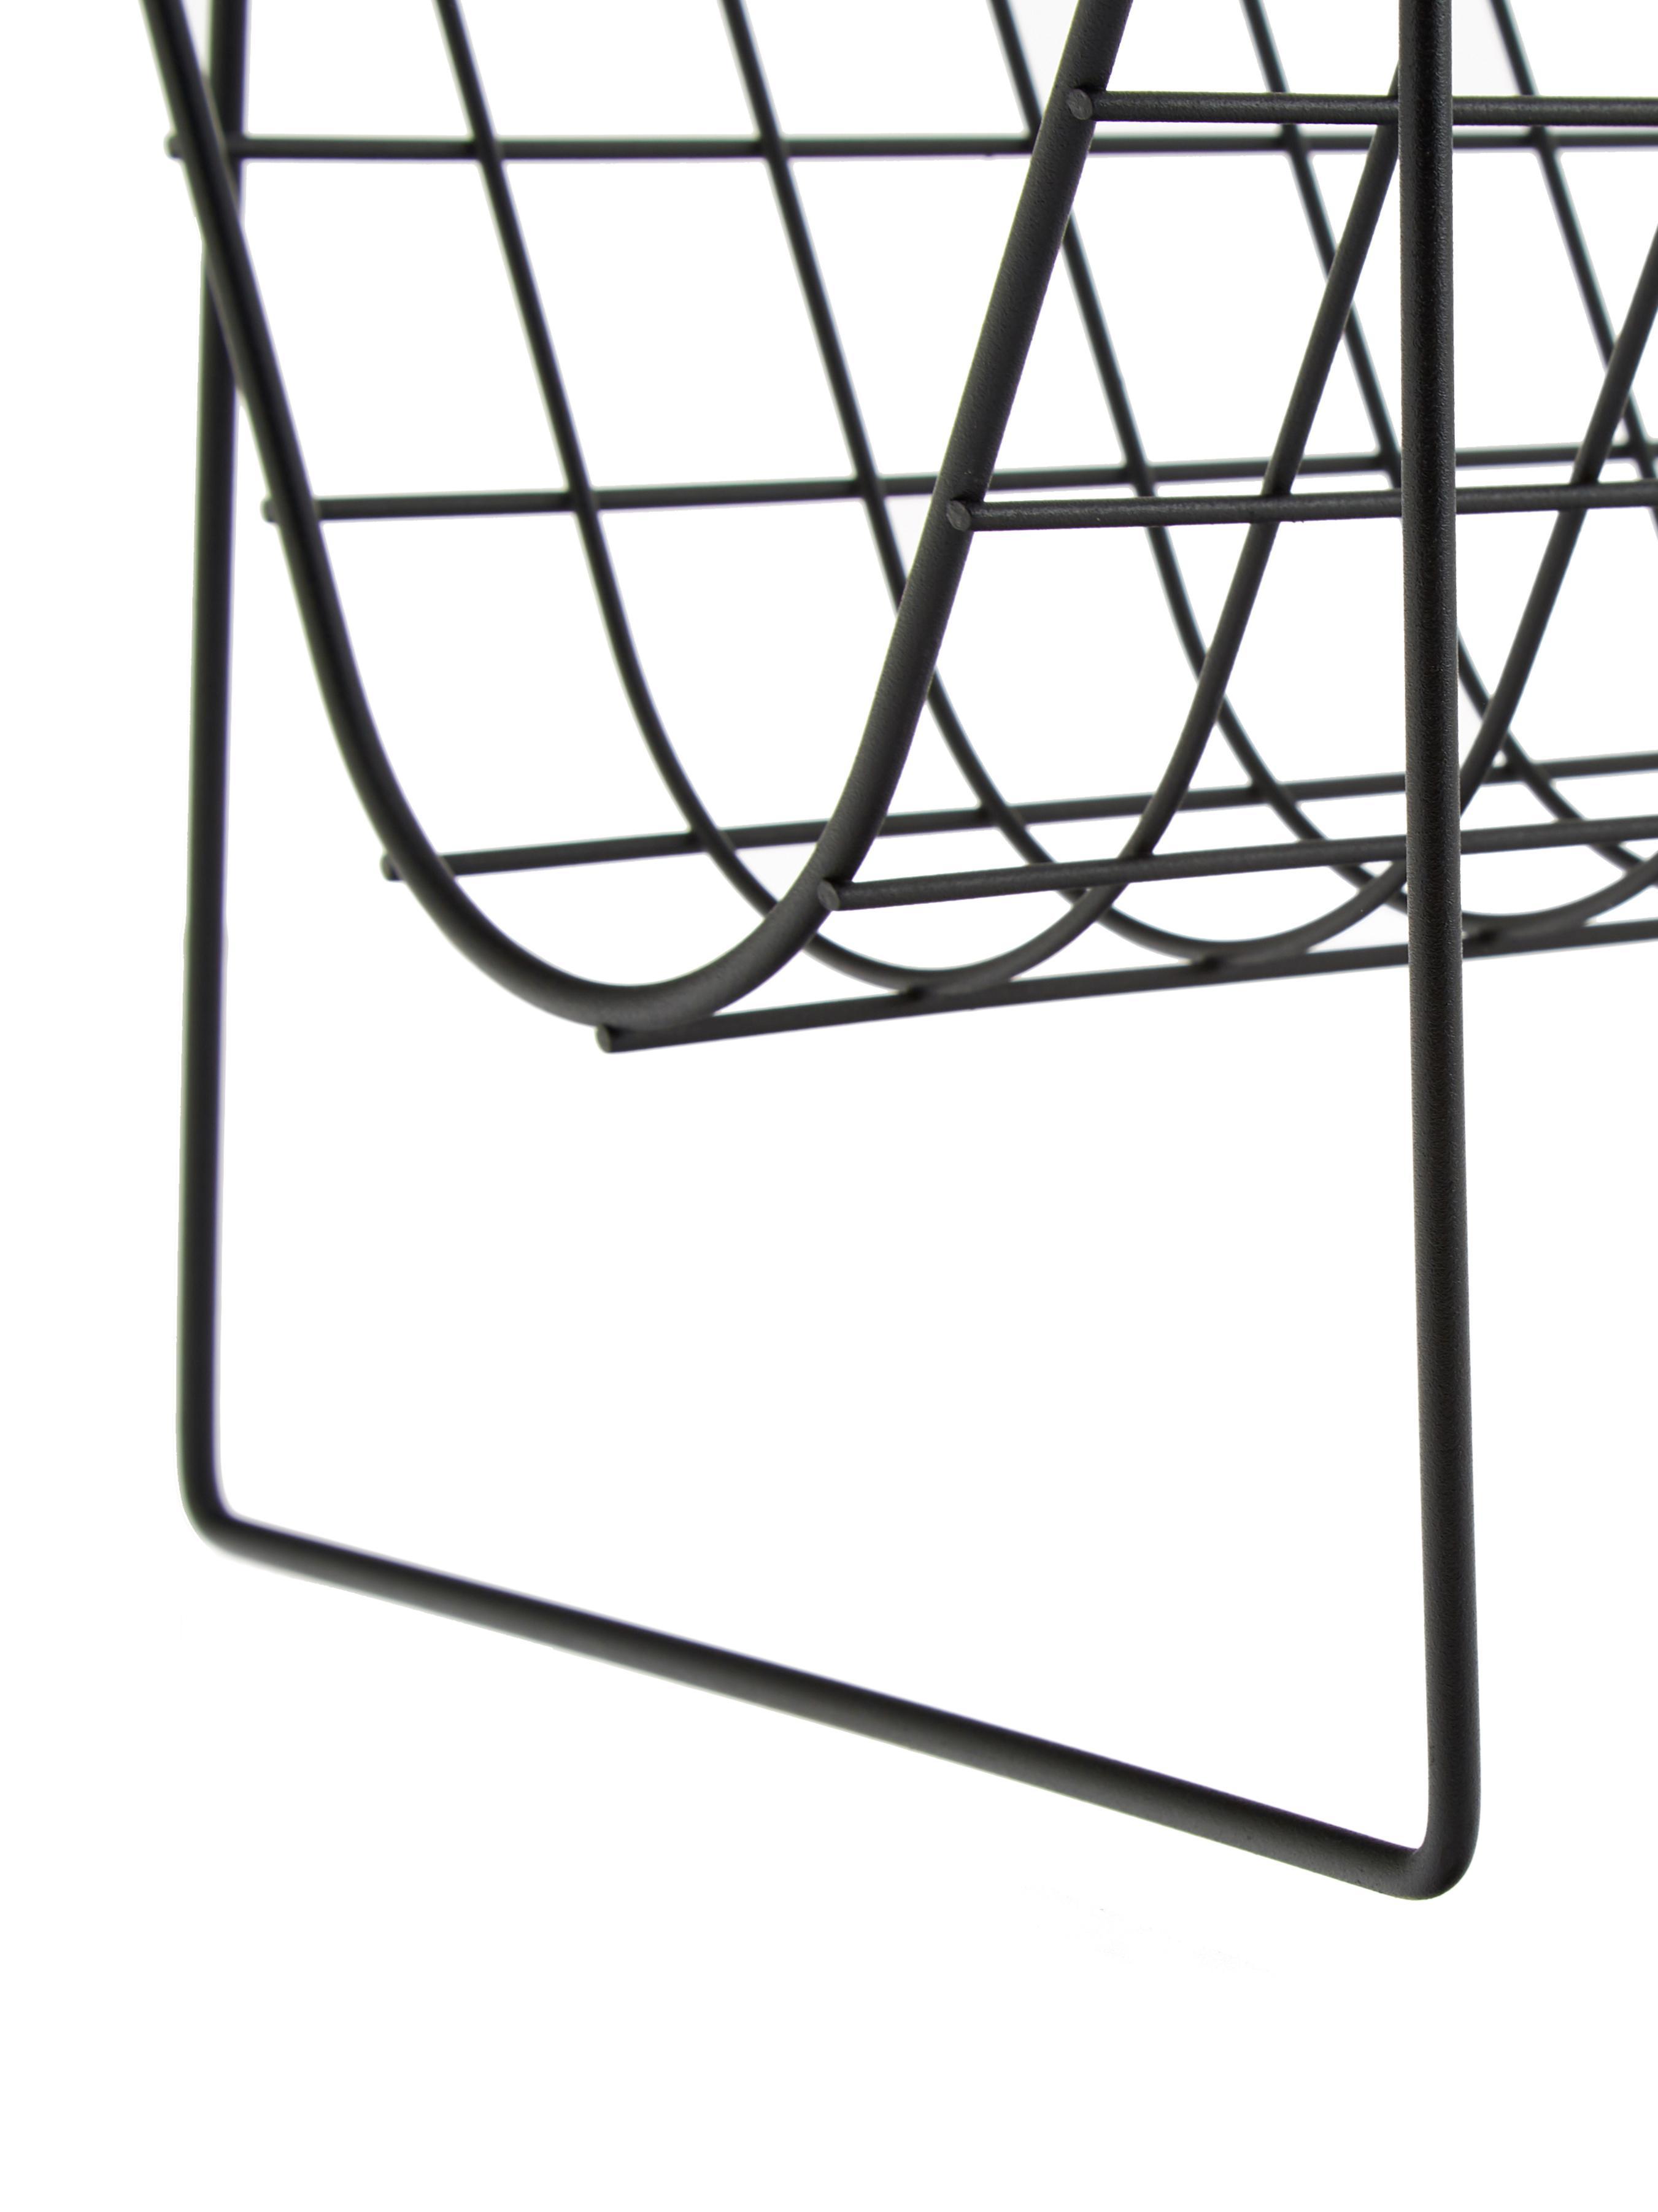 Tijdschriftenhouder Brando, Gecoat staal, Zwart, 40 x 29 cm